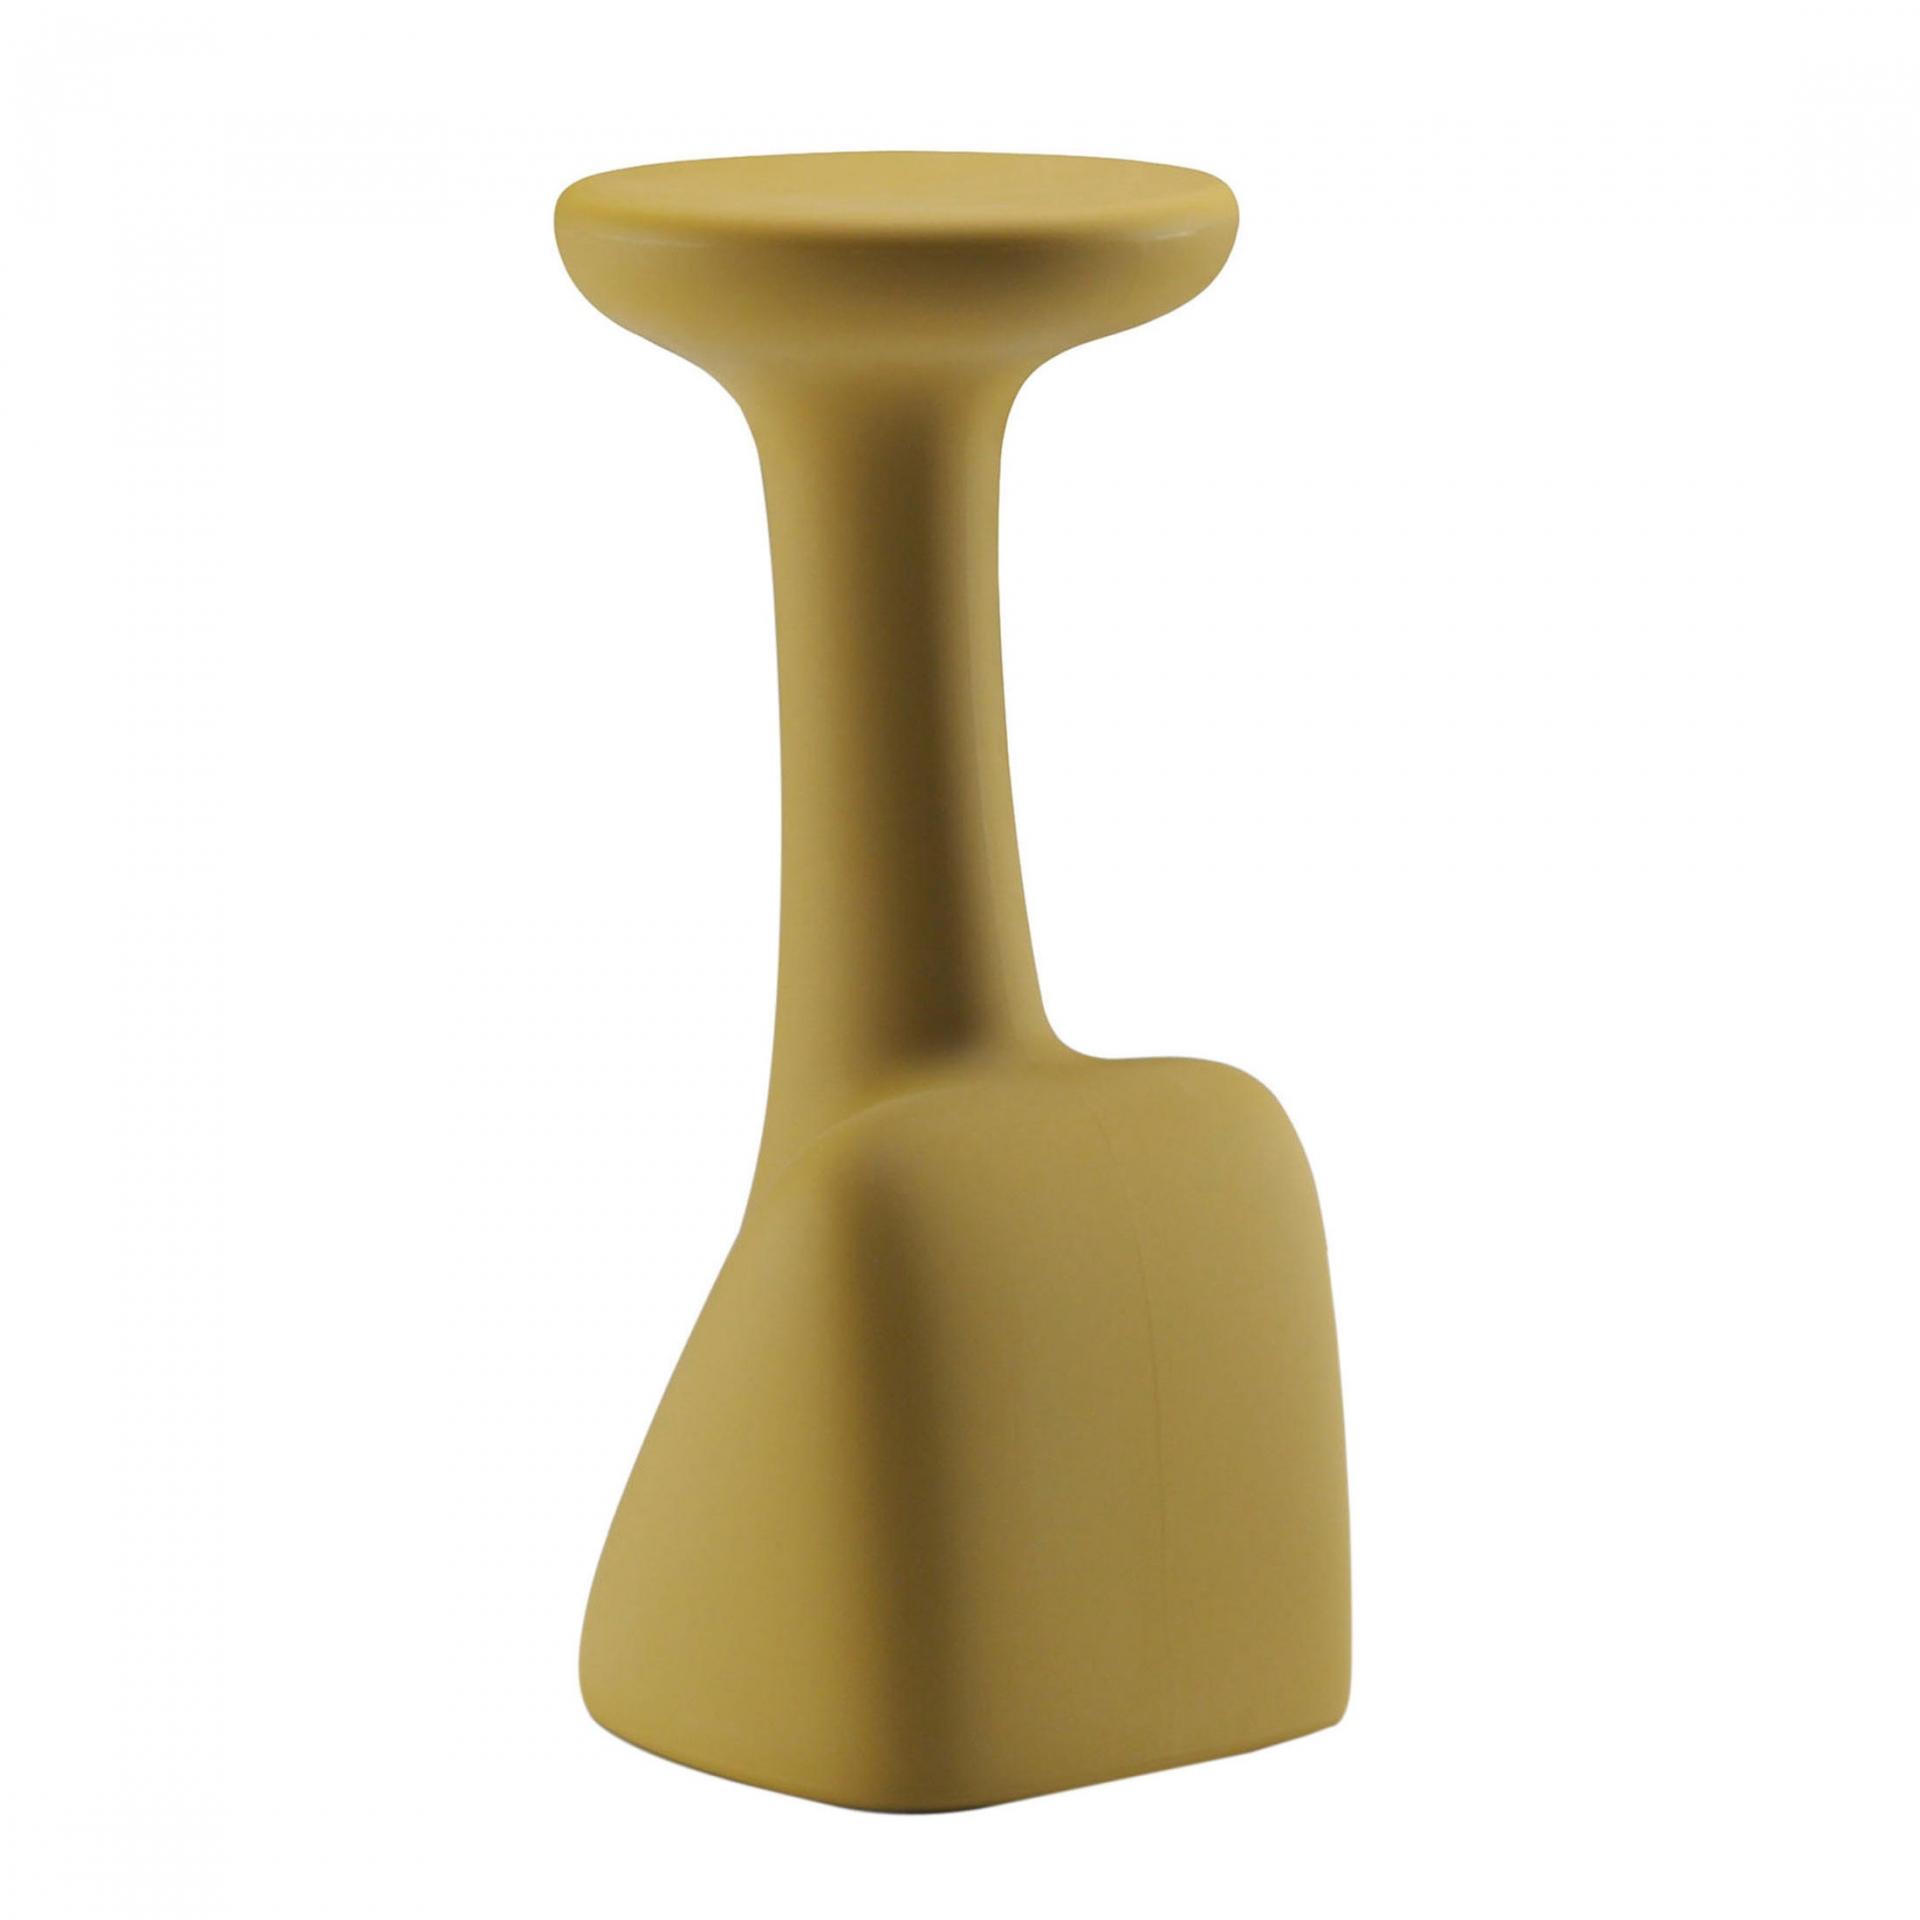 Plust designové barové židle Armillaria Stool